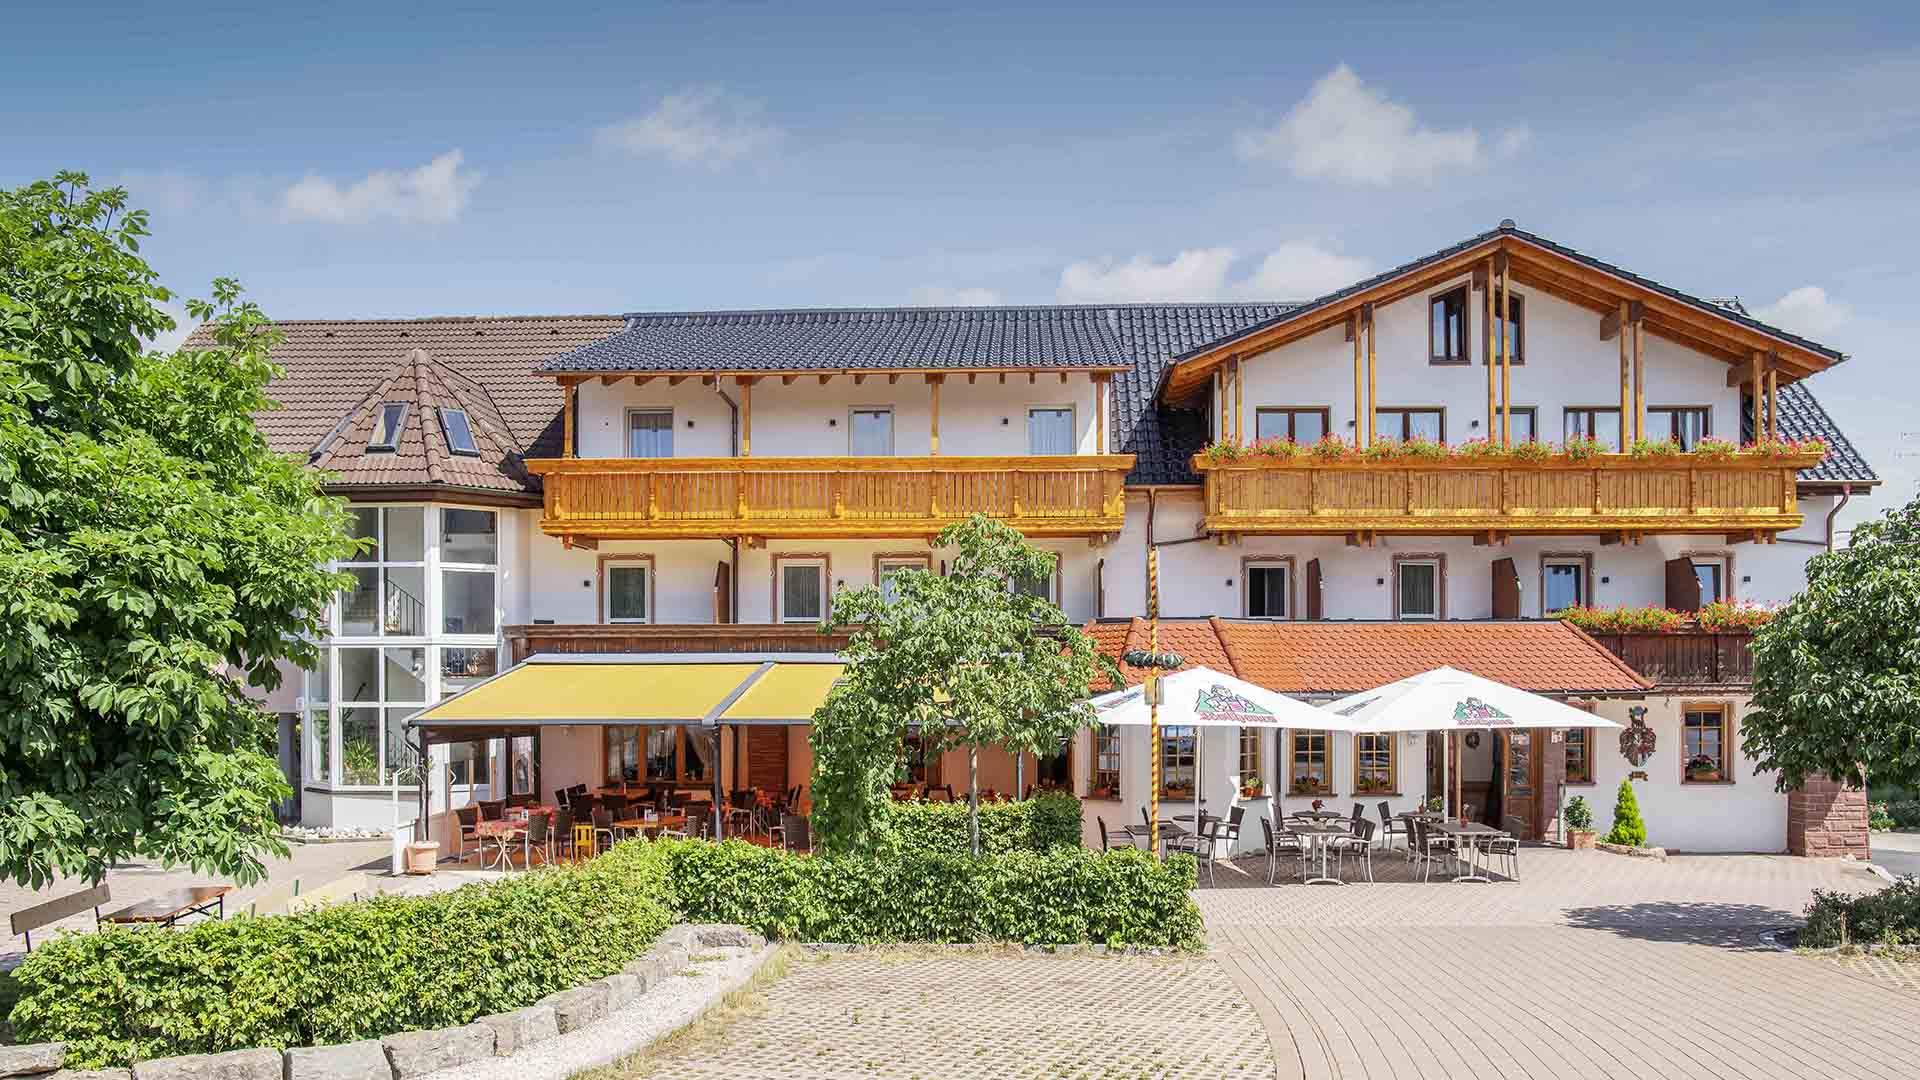 Hotel Gasthof Zur Burg